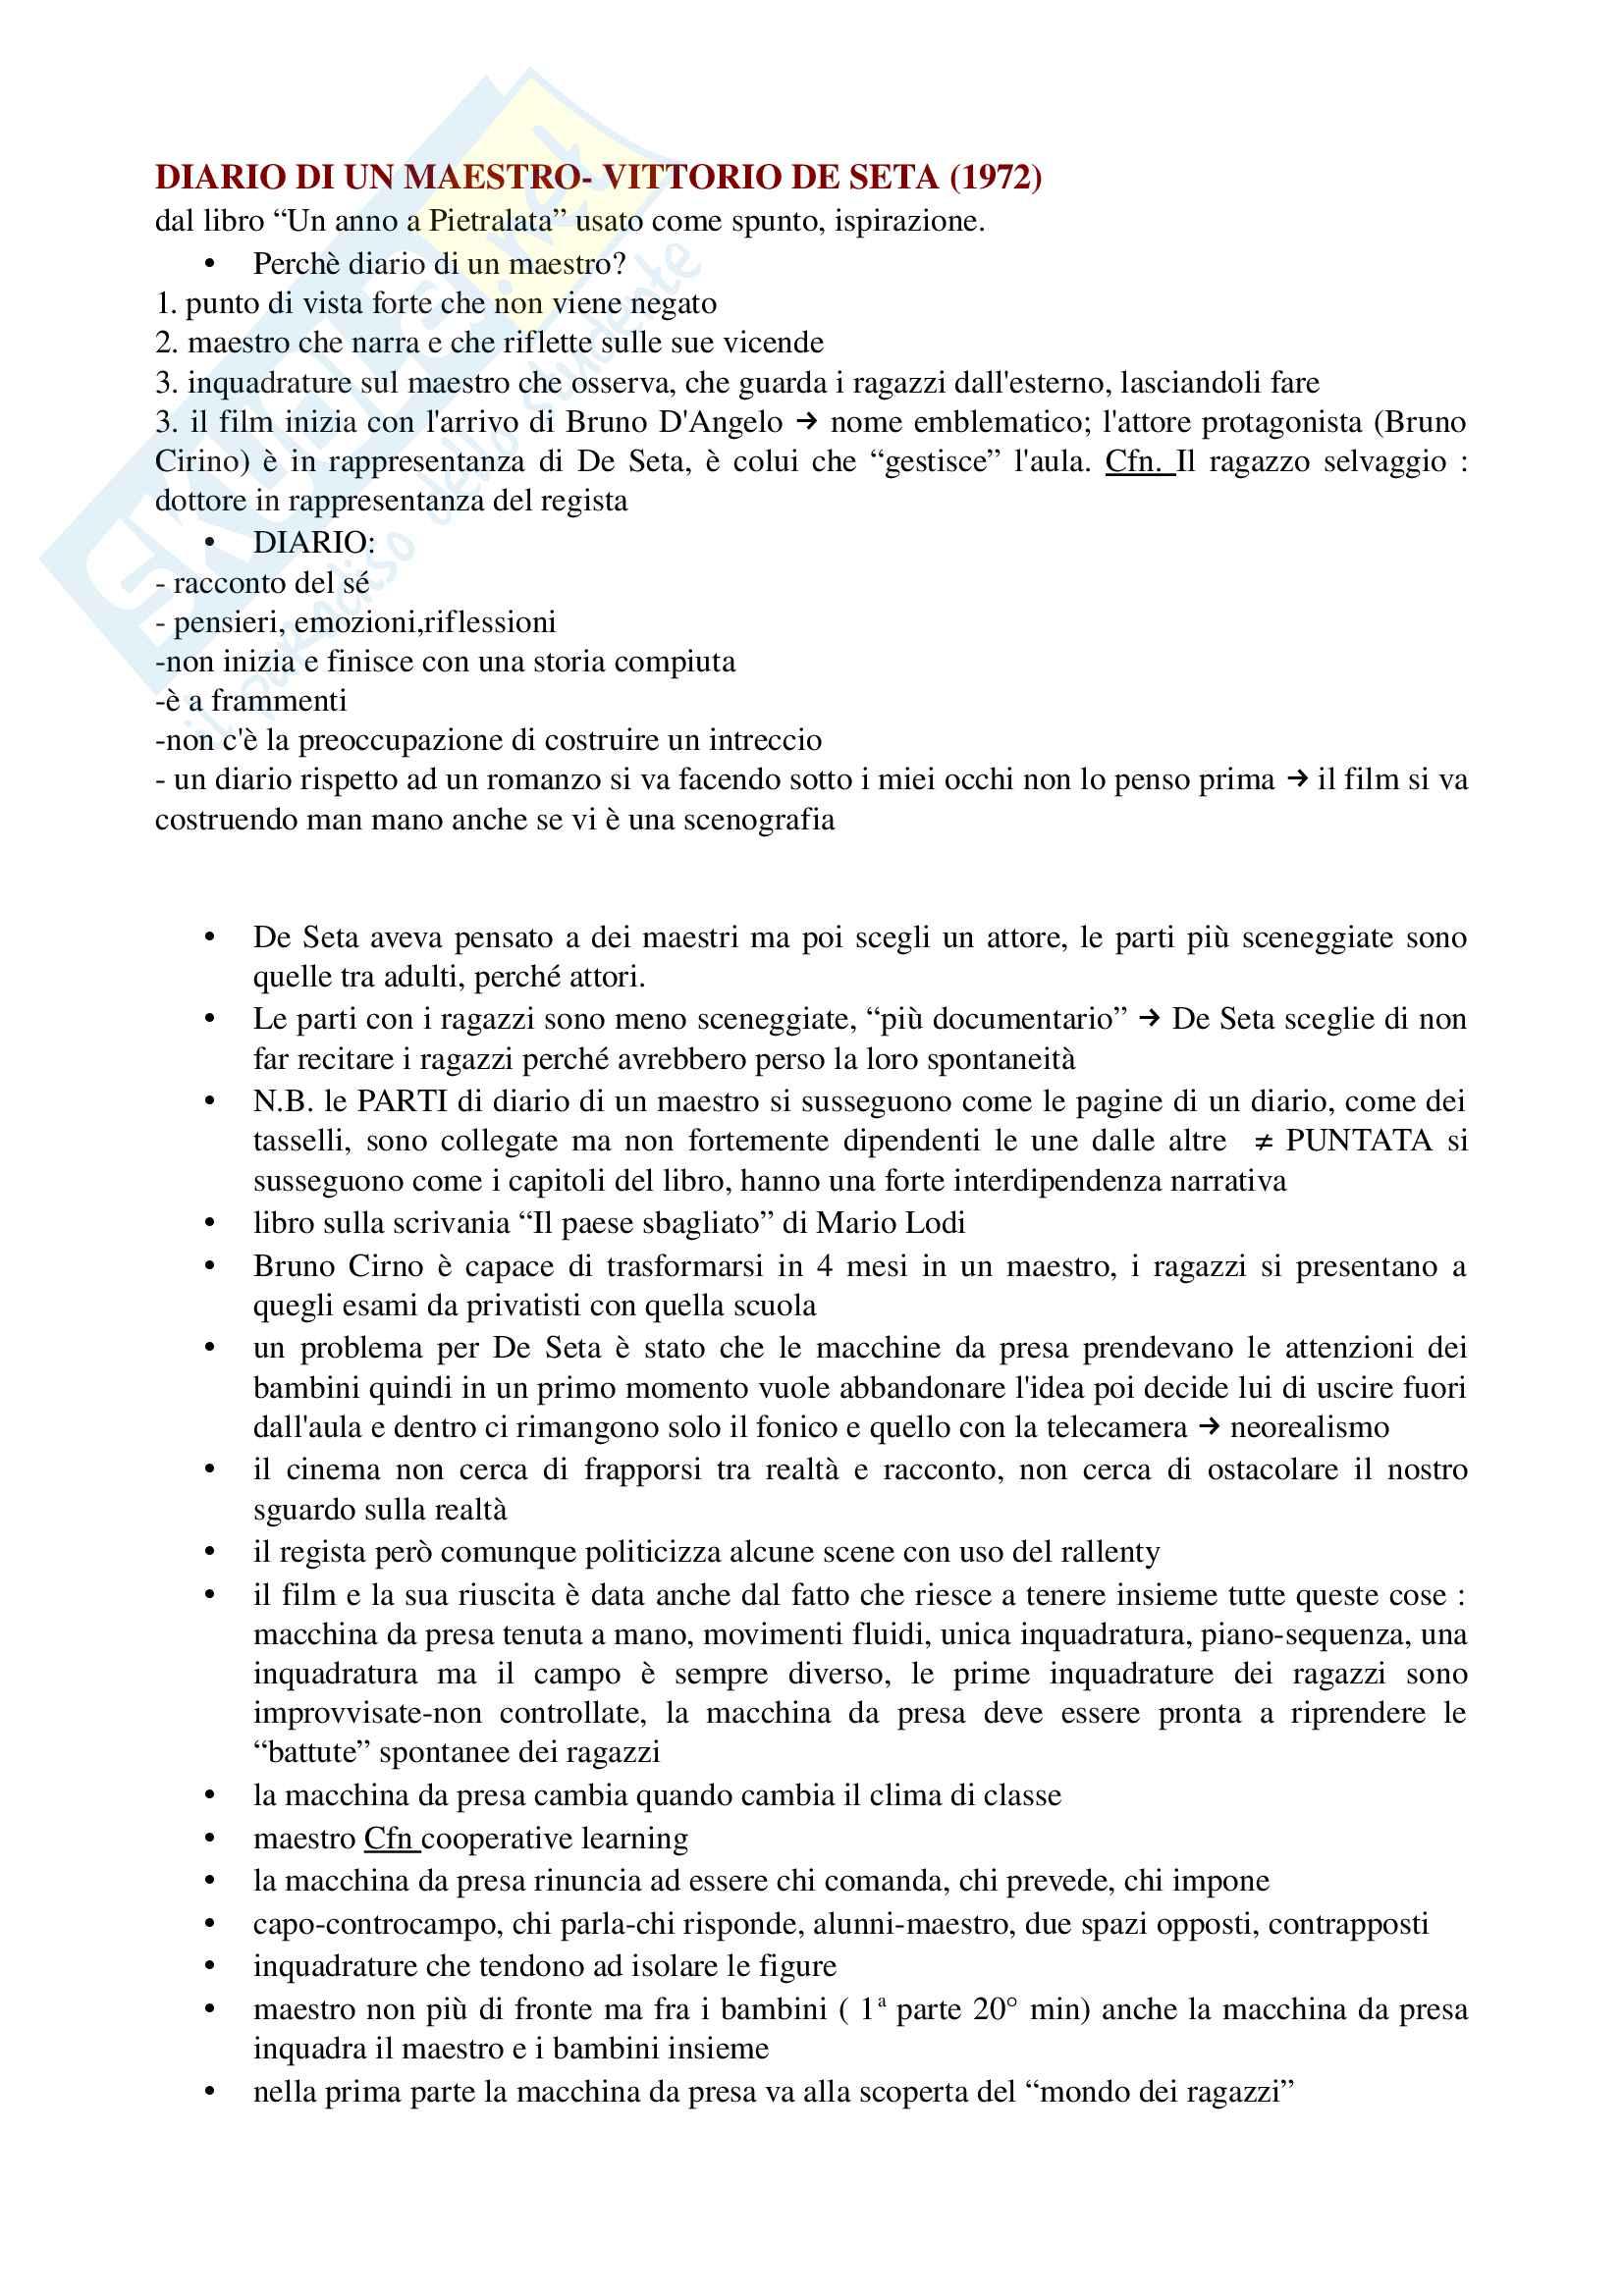 Diario di un maestro Vittorio De Seta